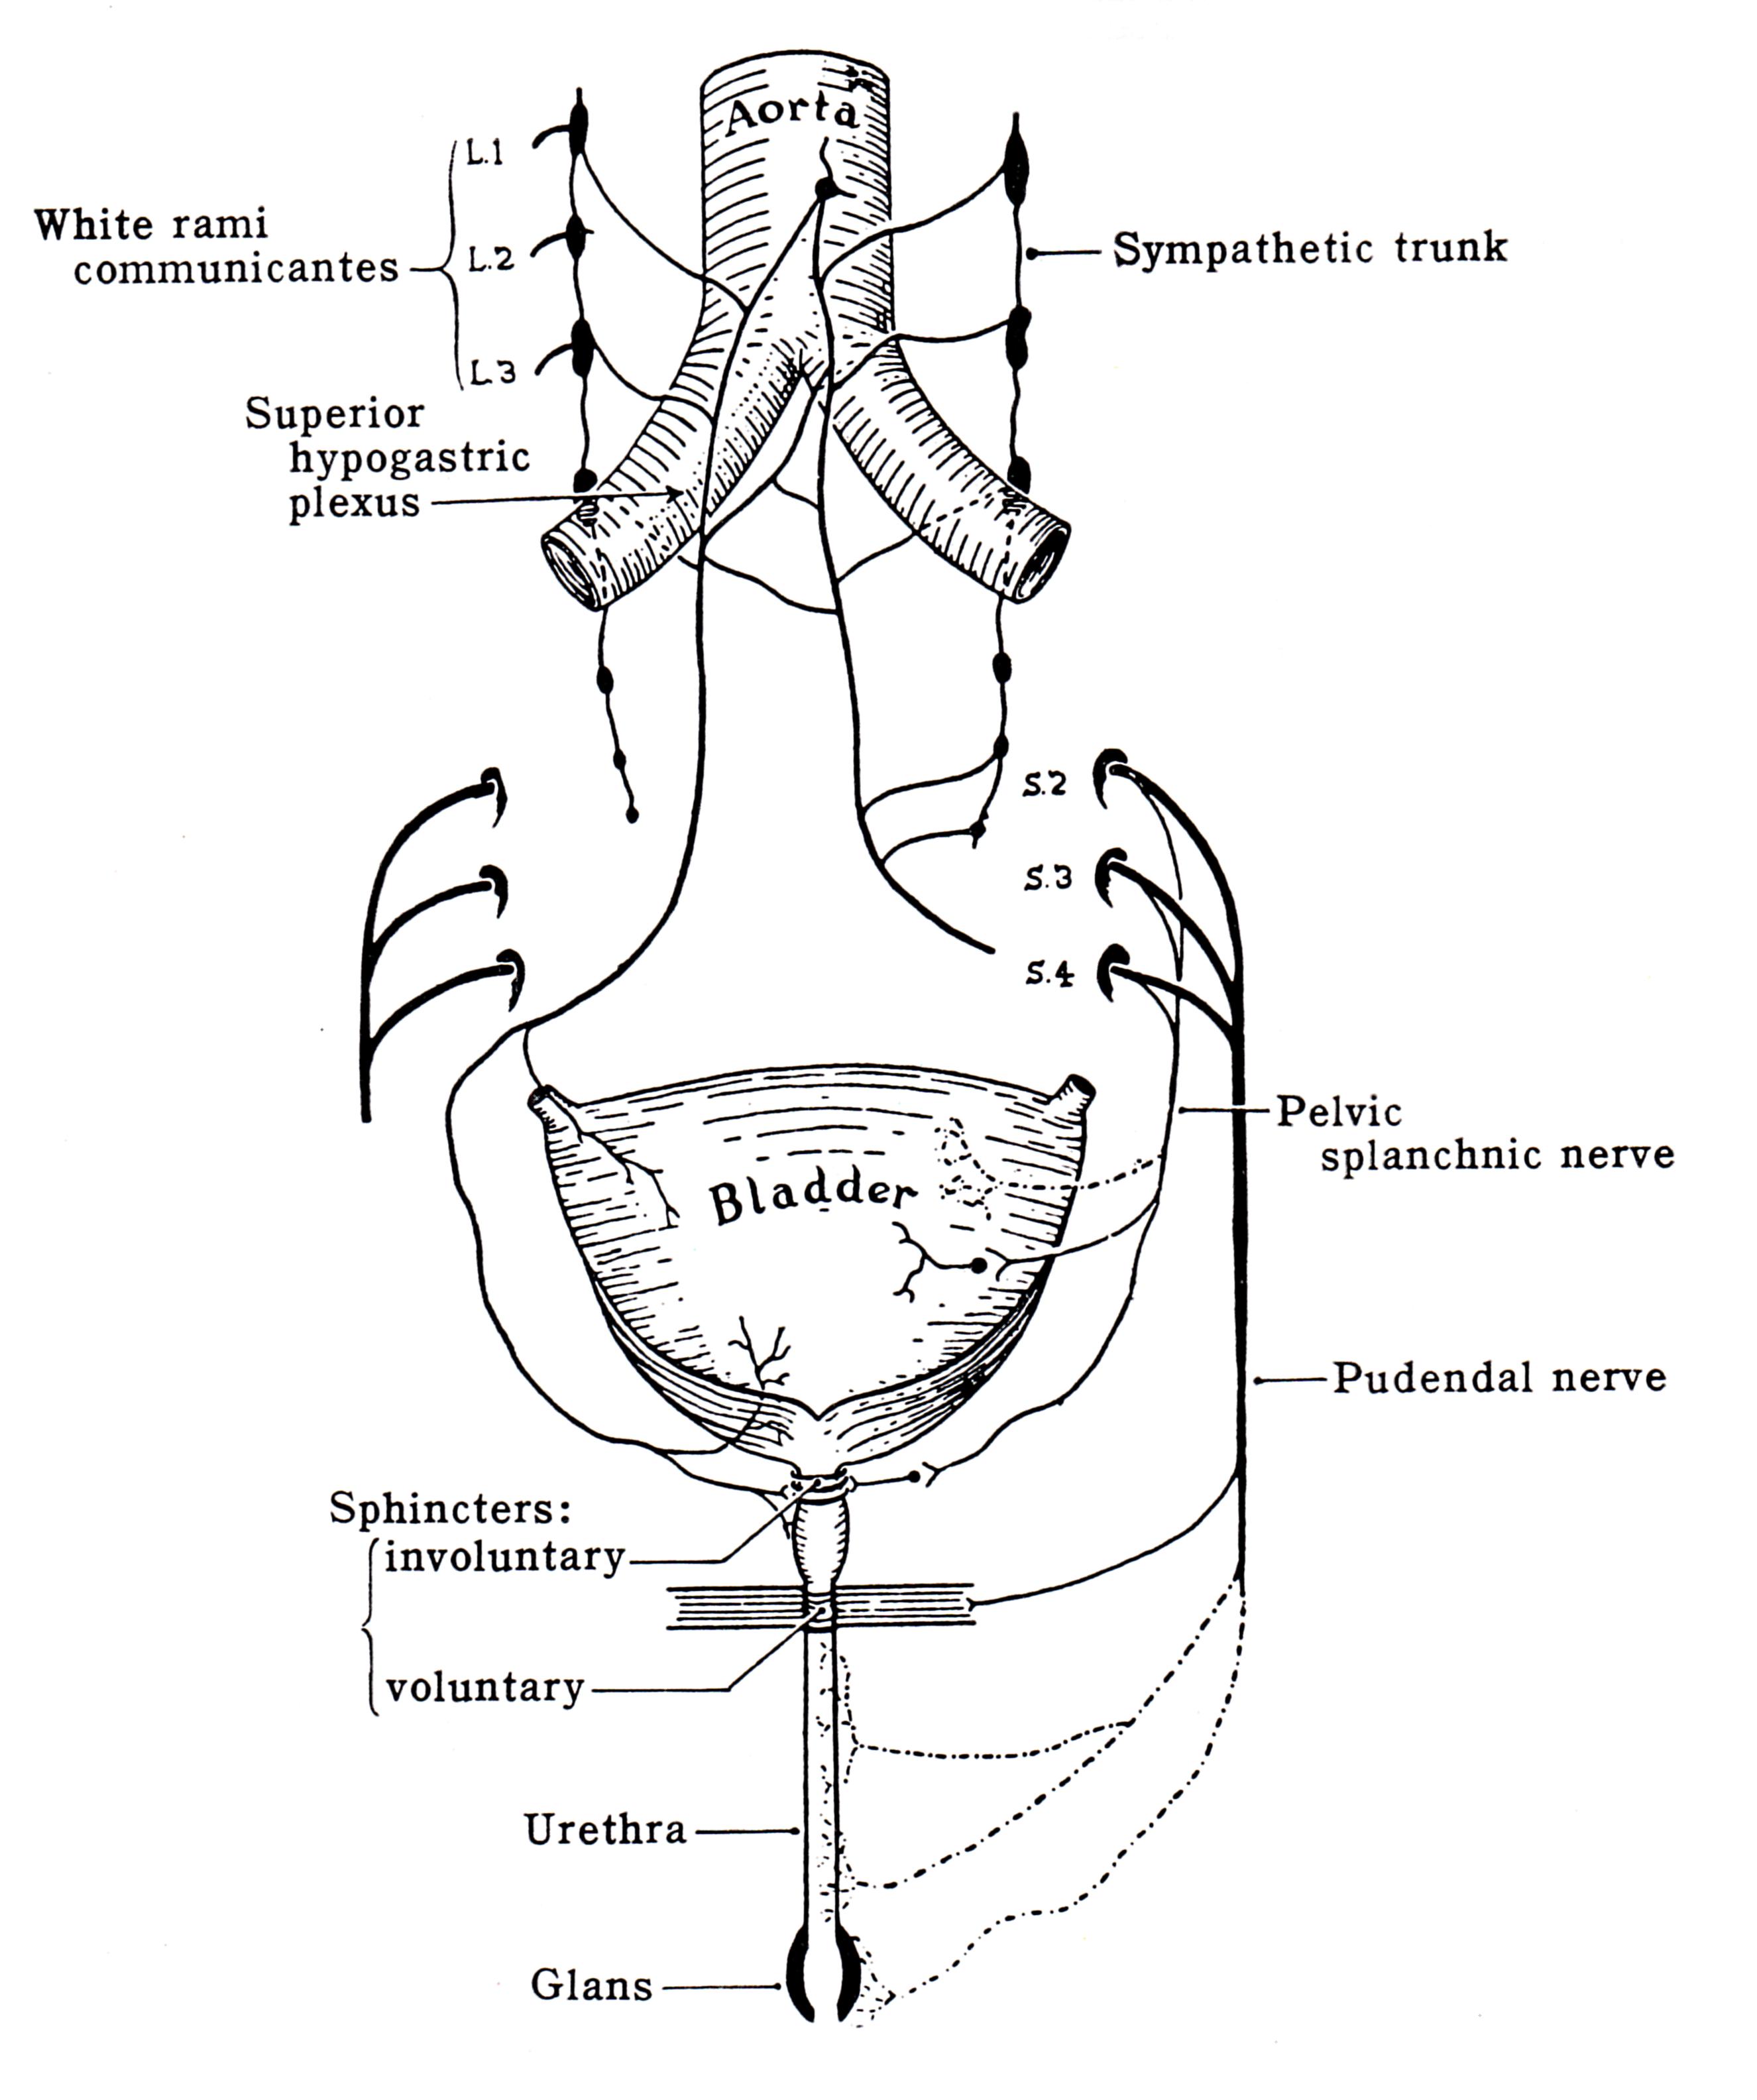 dolore perineale joneses